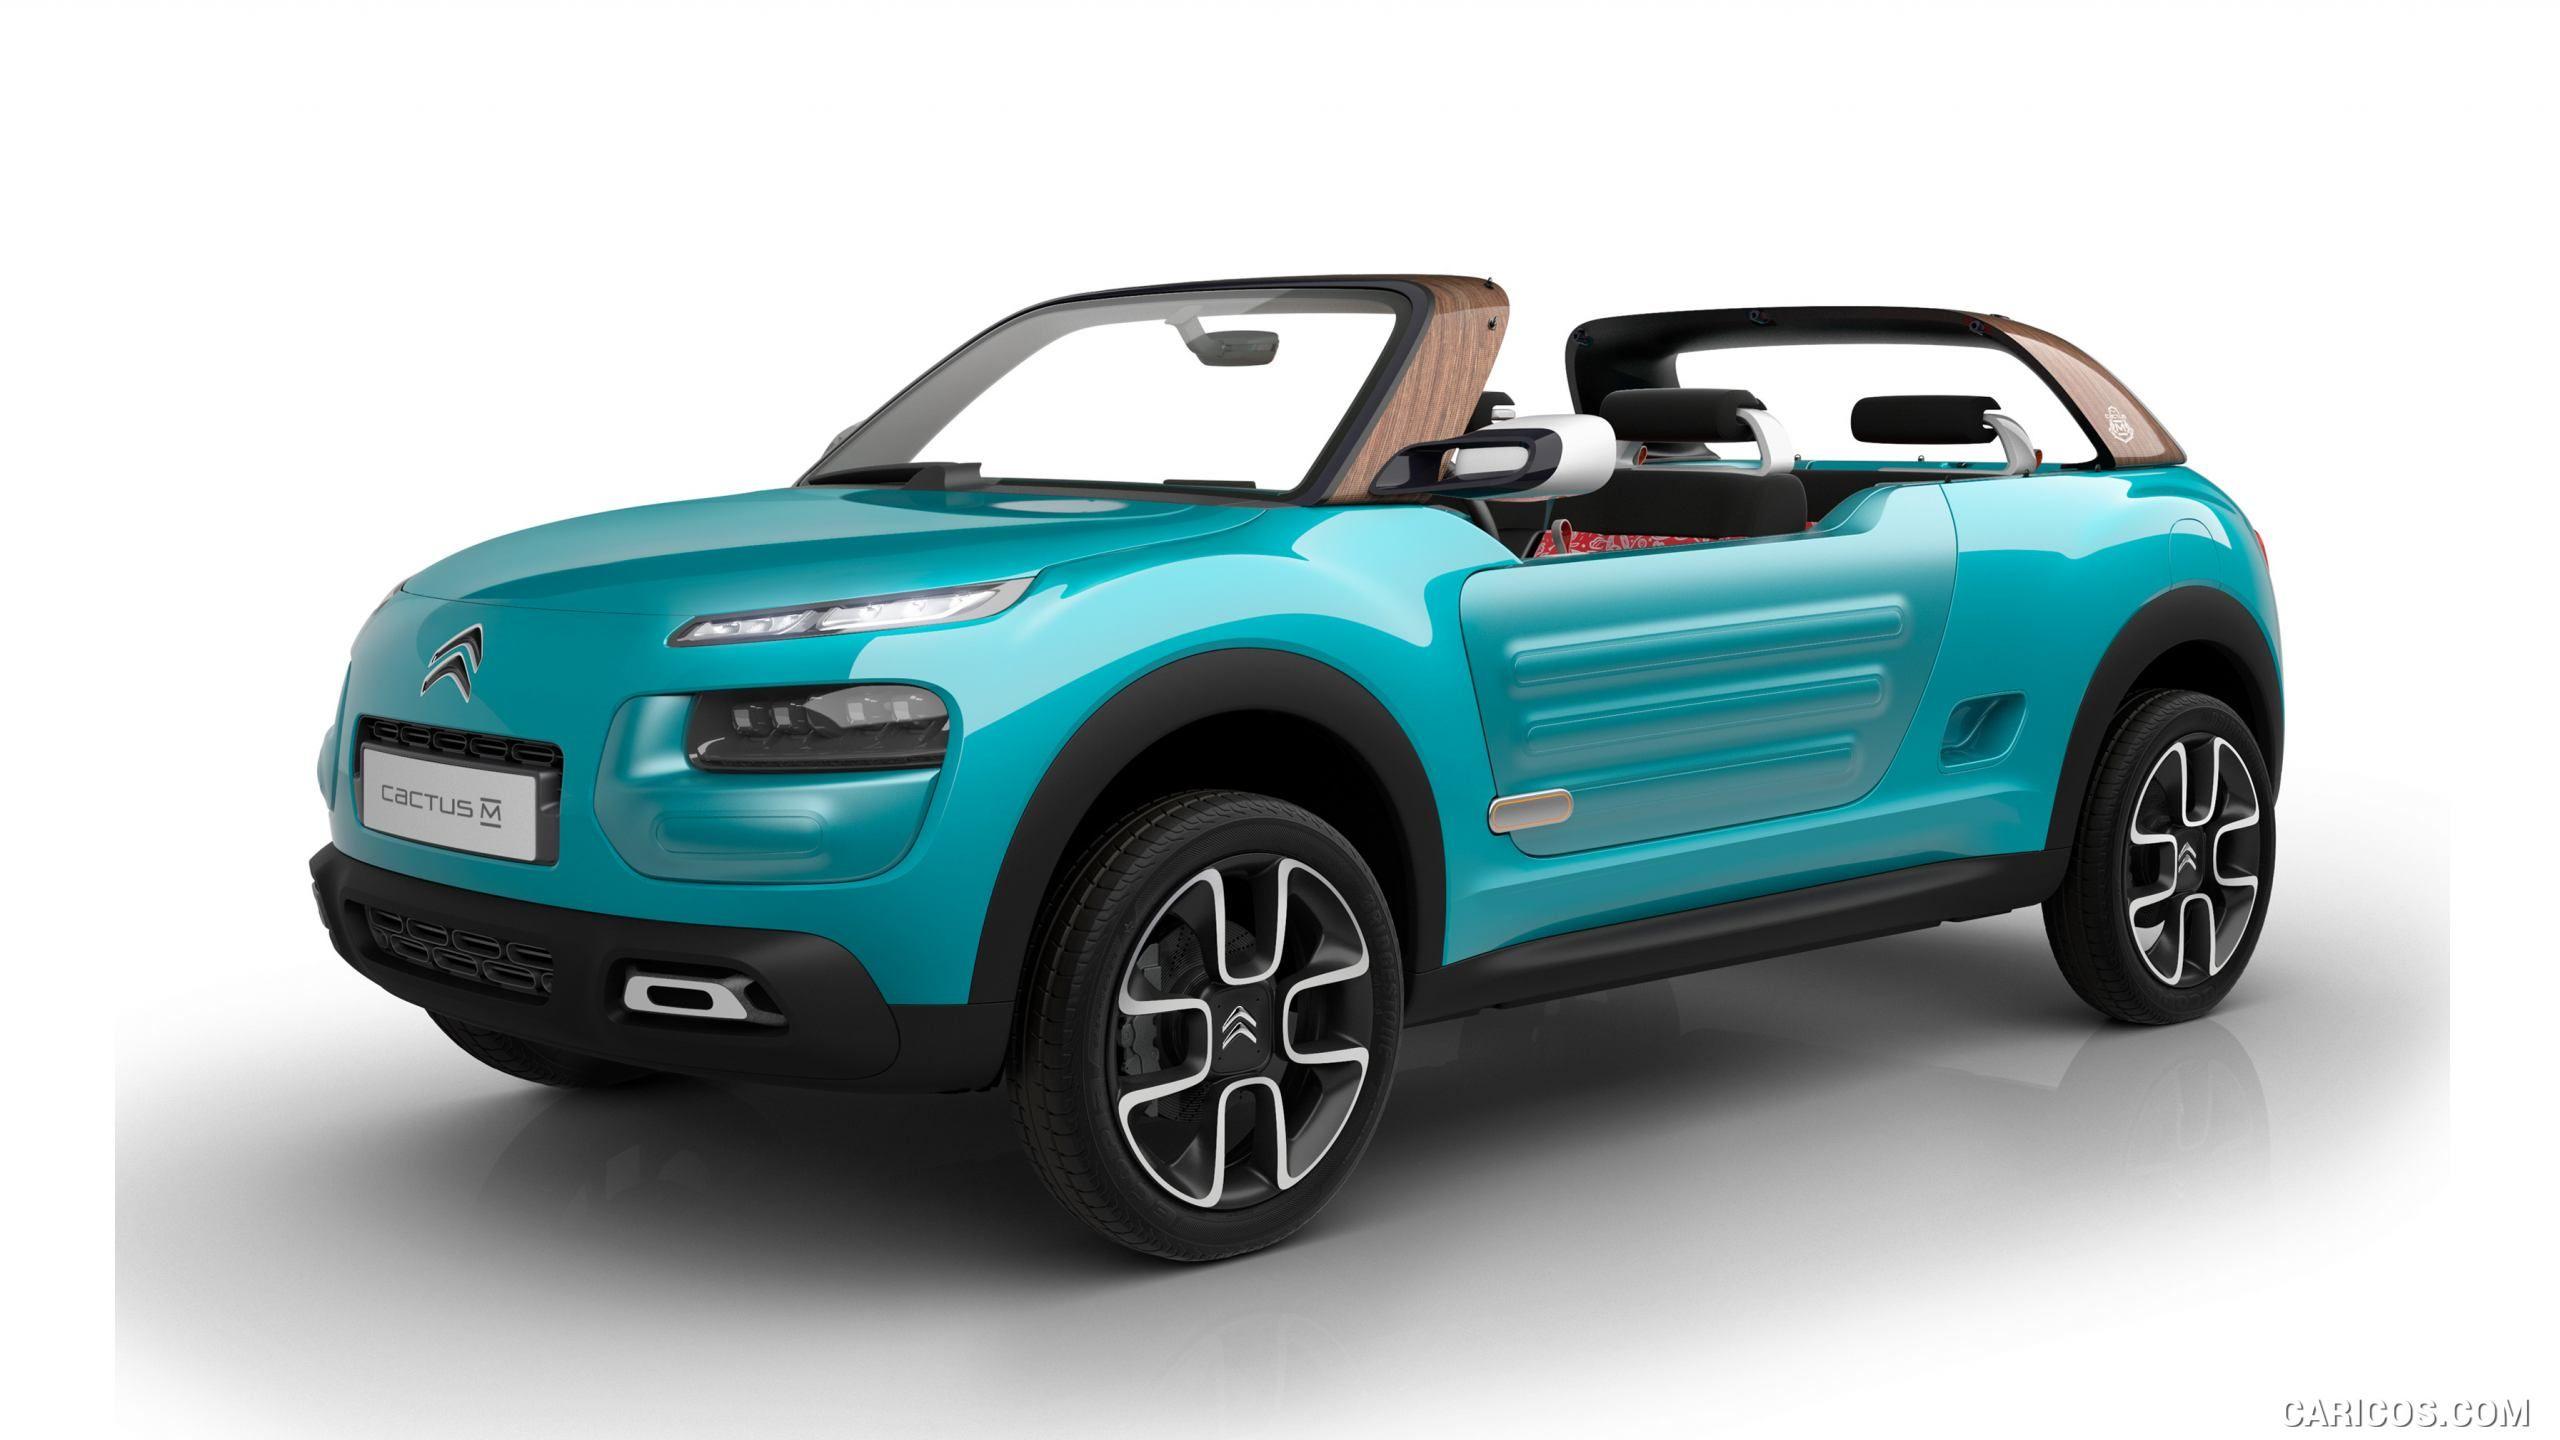 2015 Citroen Cactus M Concept Wallpaper Concept Cars Citroen